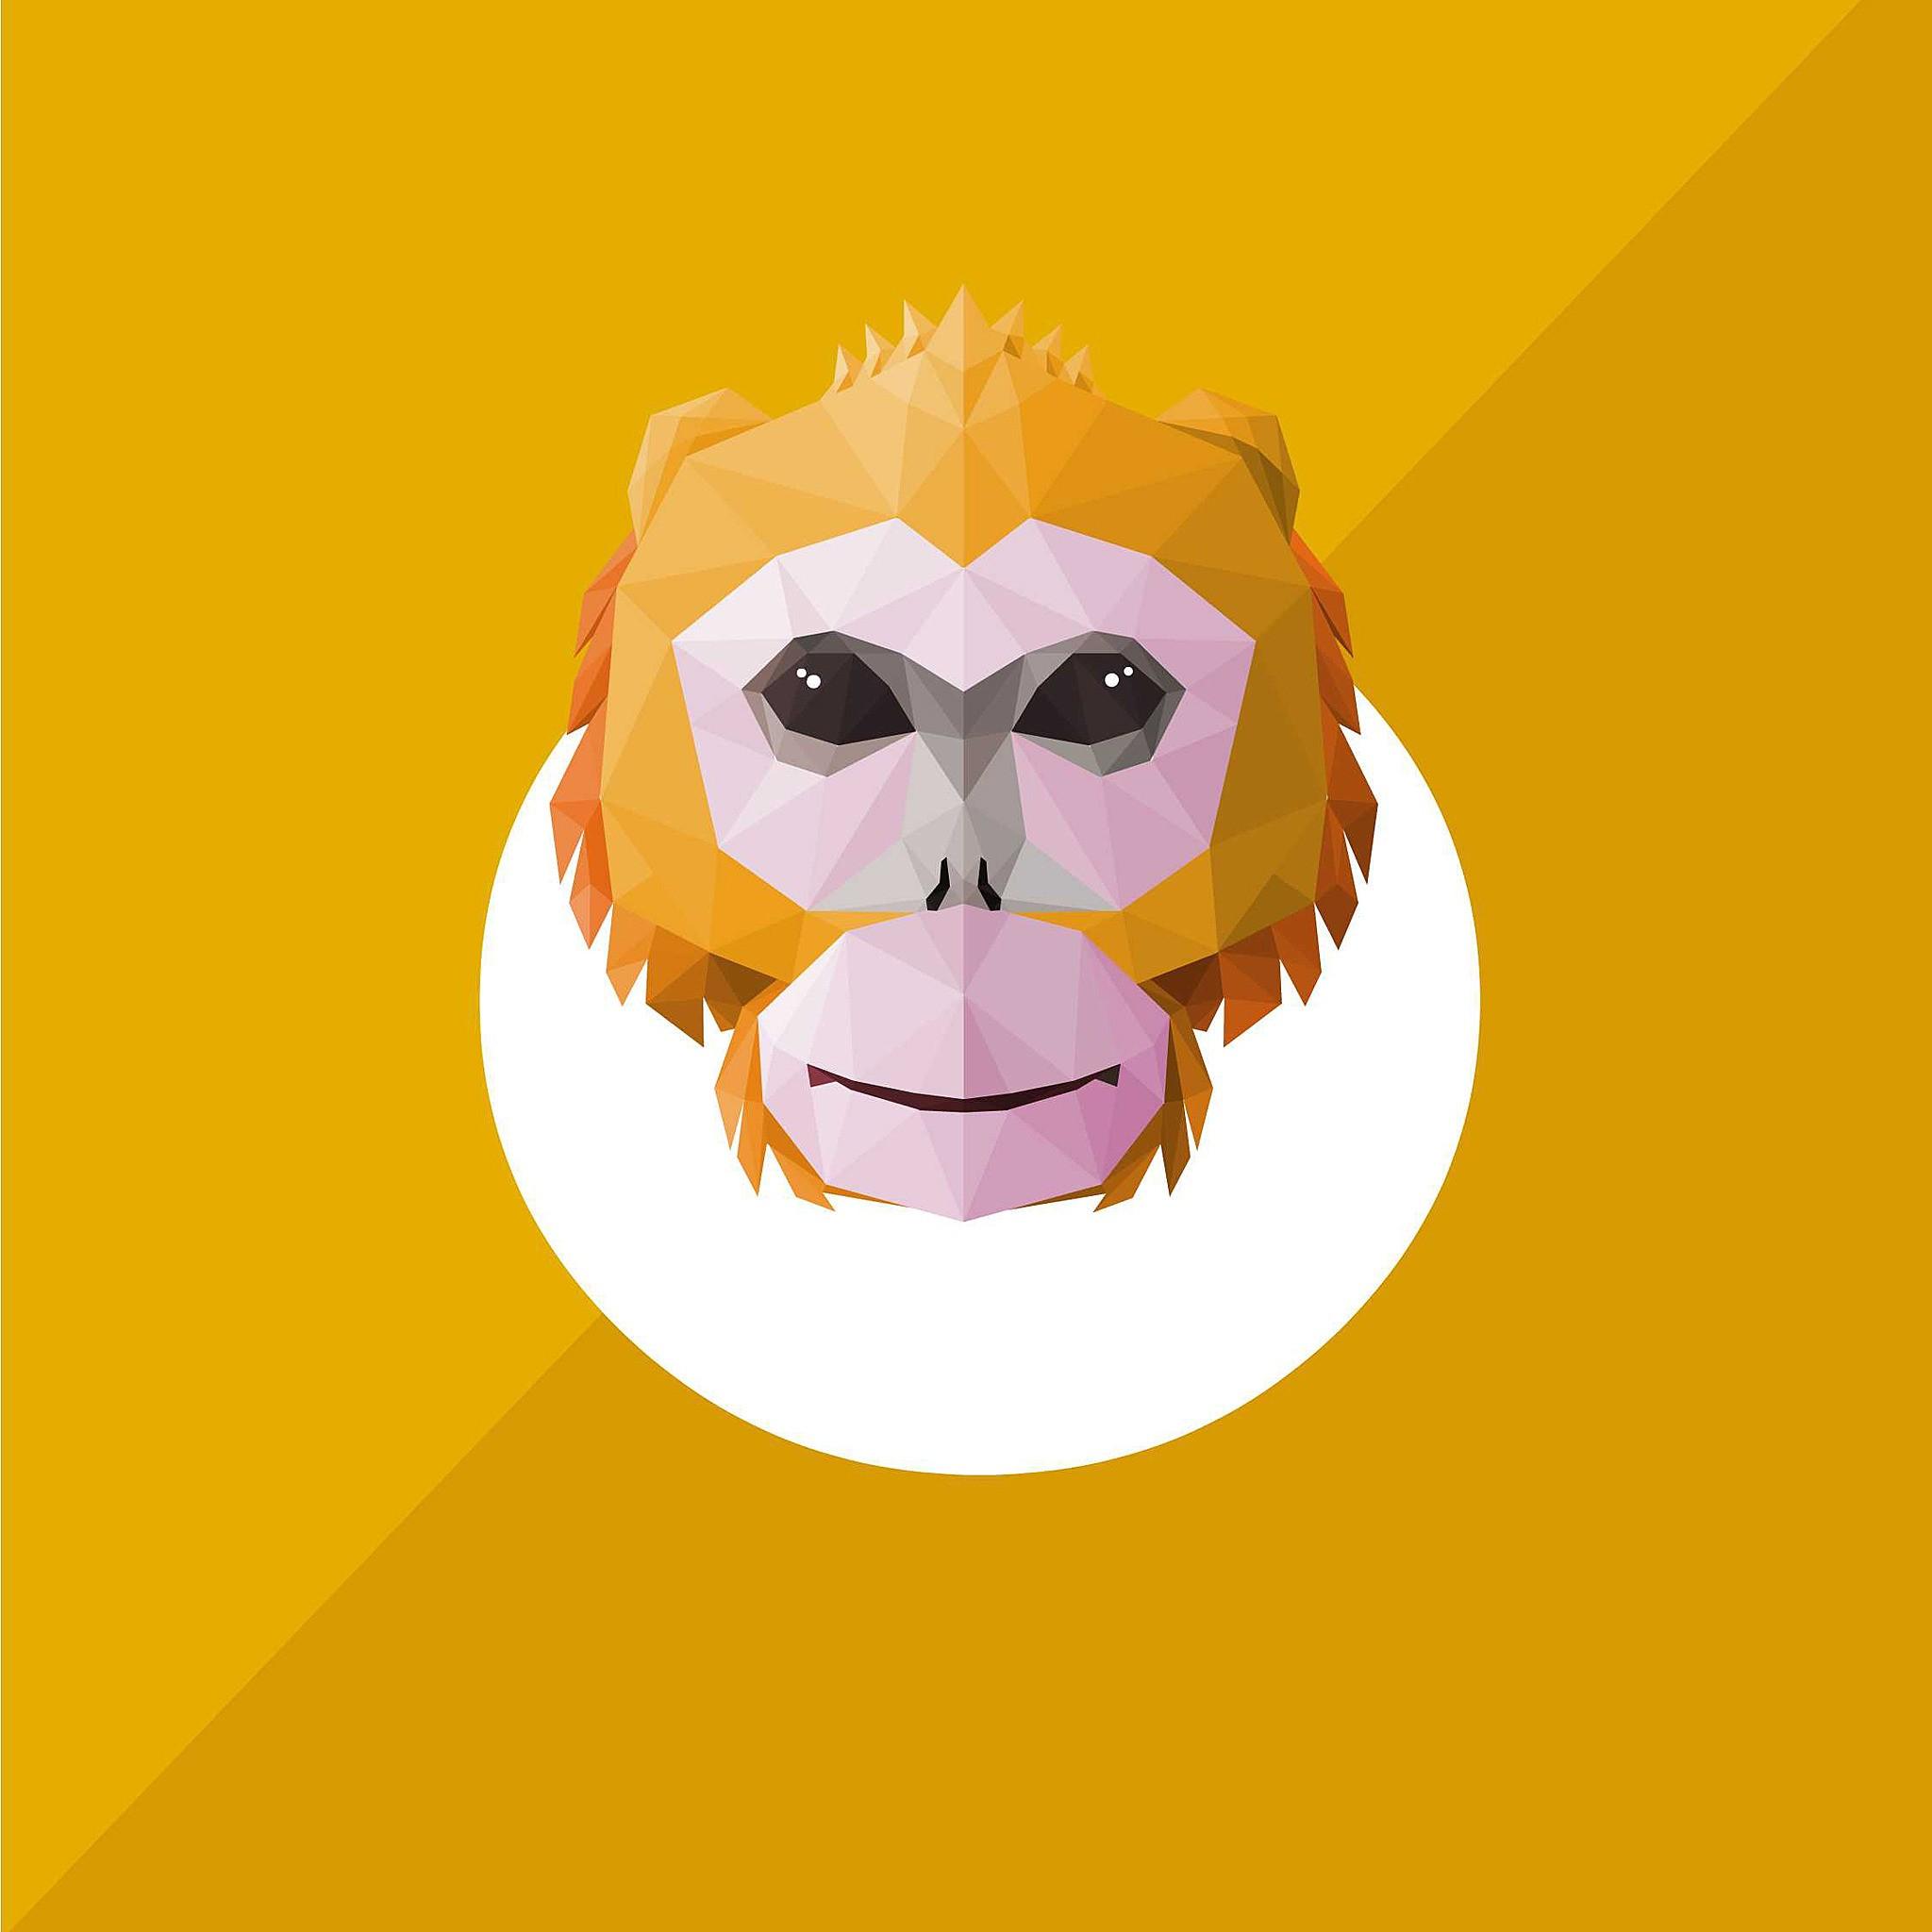 十二生肖3-猴,中国最著名的动物